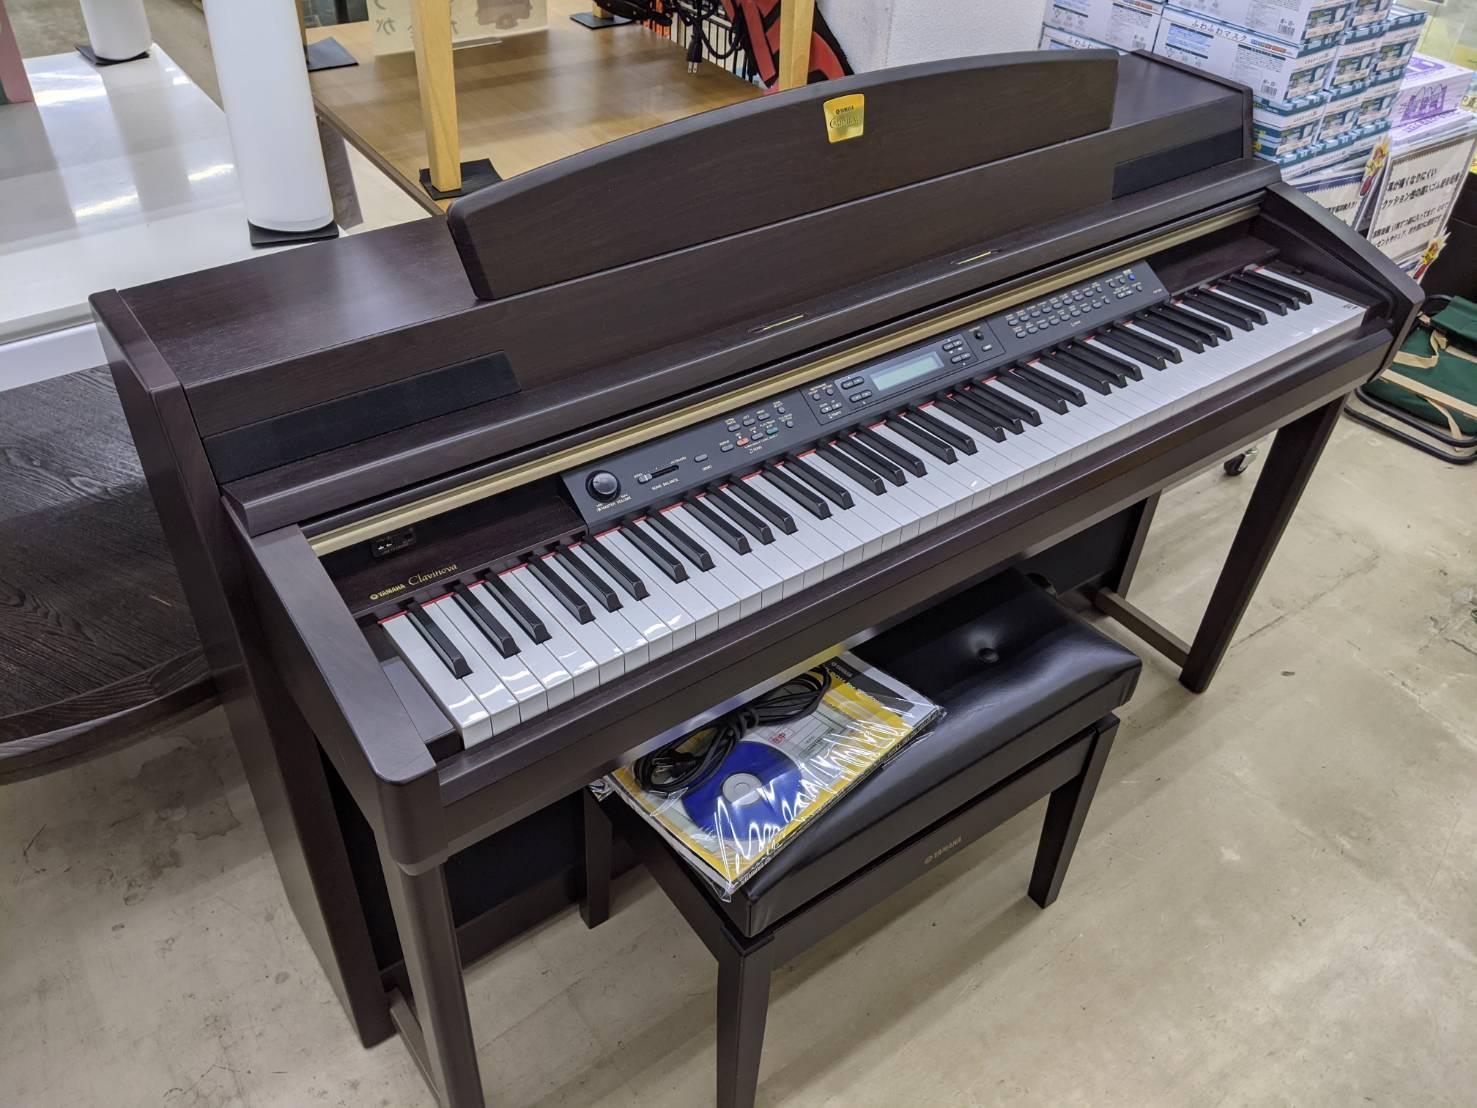 【YAMAHA 電子ピアノ CLP-280 Clavinova クラビノーバ】をお買い取り致しました☆の買取-